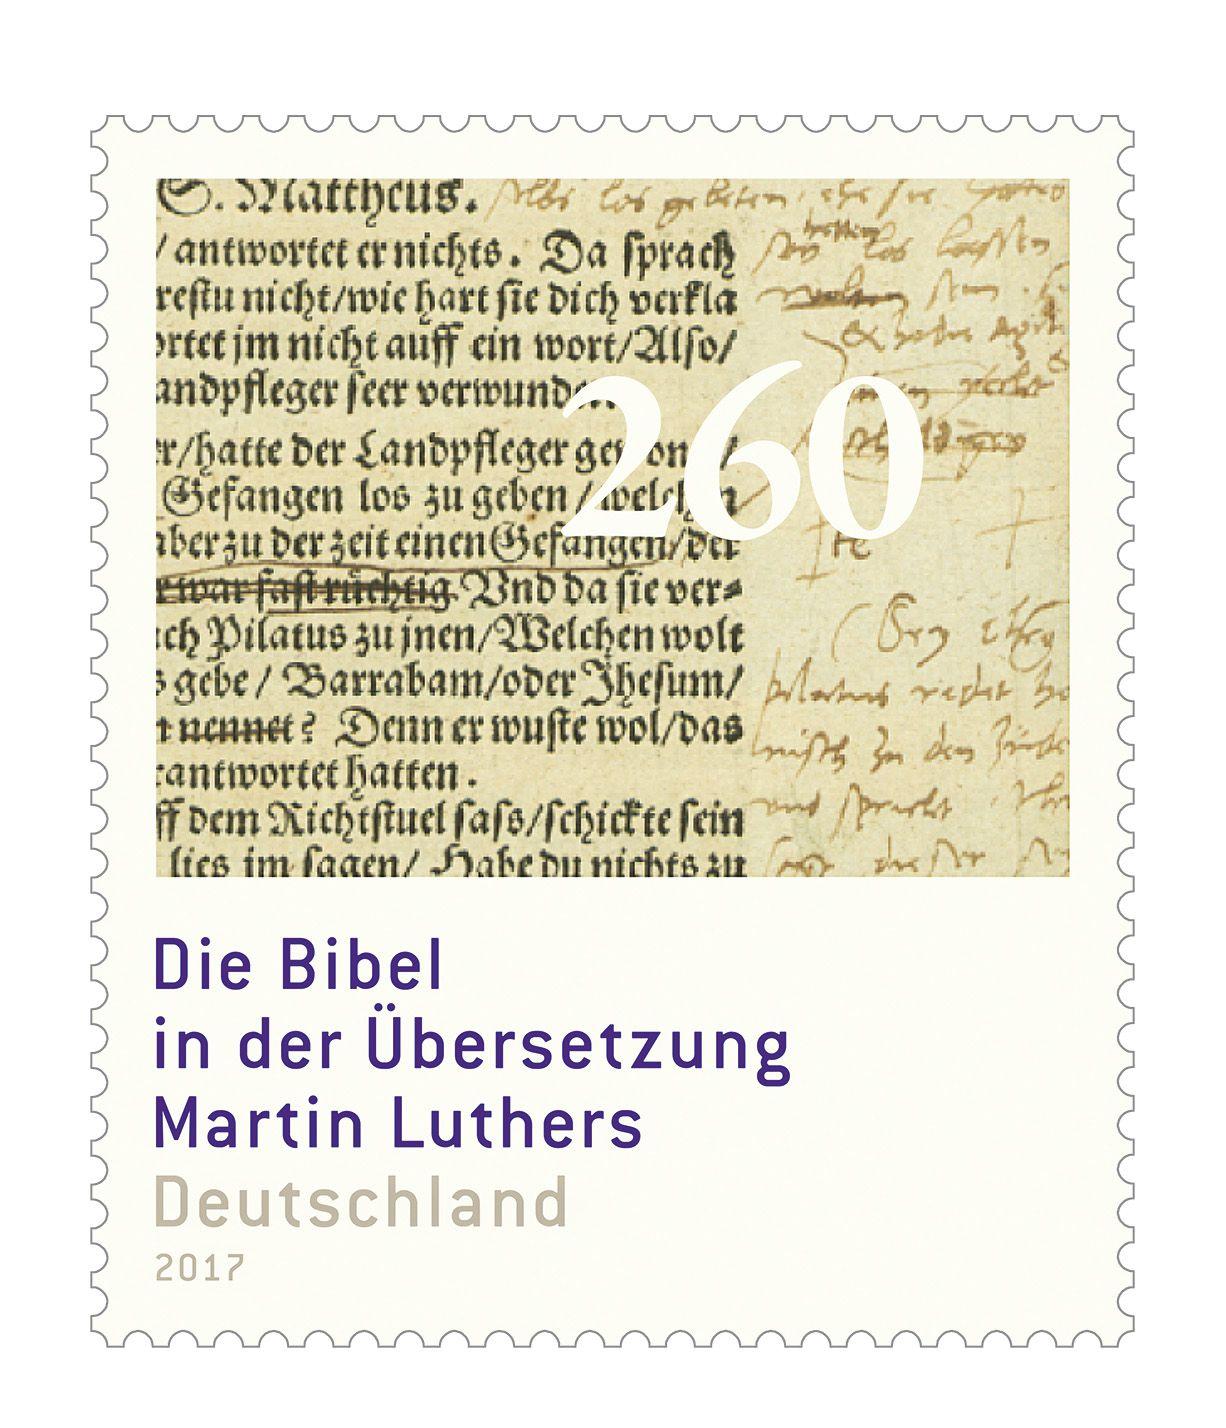 Deutschland 2017 Die Bibelubersetzung Martin Luthers German